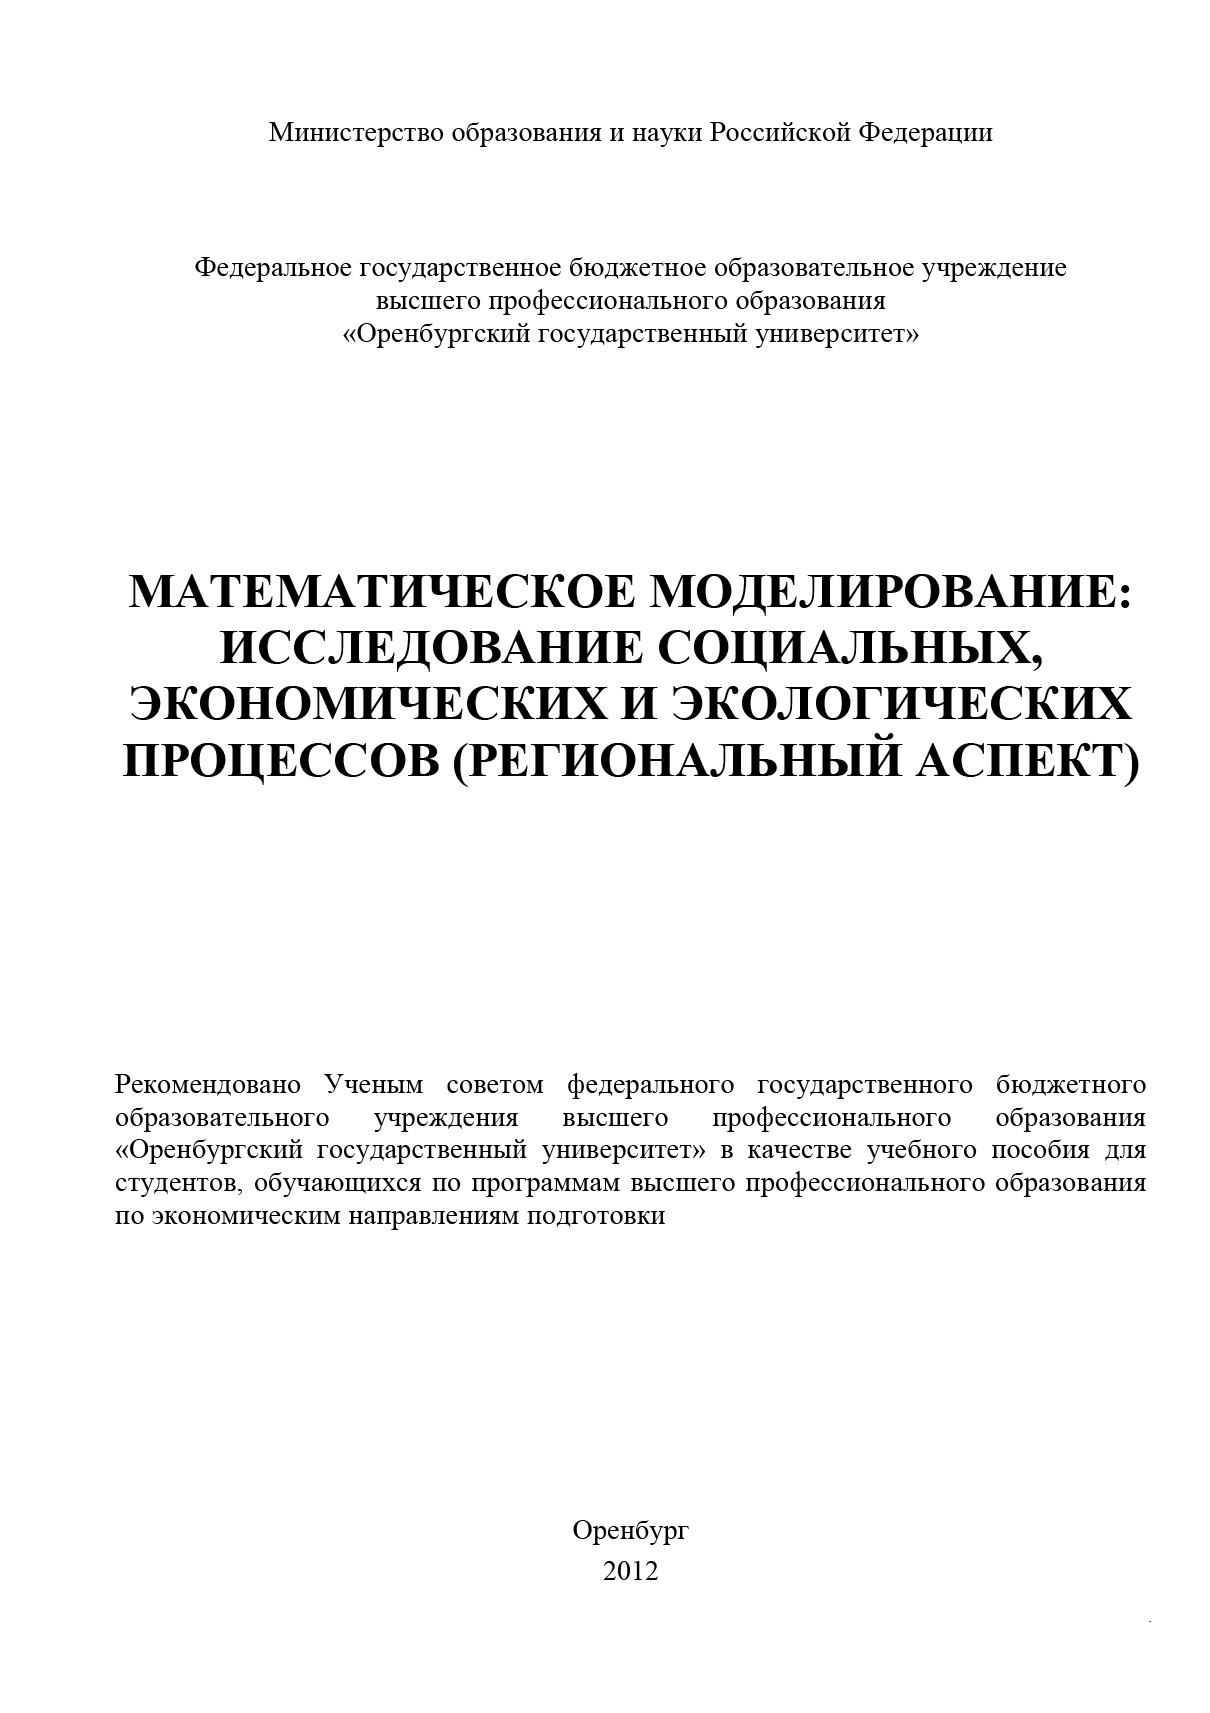 Коллектив авторов Математическое моделирование: исследование социальных, экономических и экологических процессов (региональный аспект) математическое моделирование процессов в машиностроении